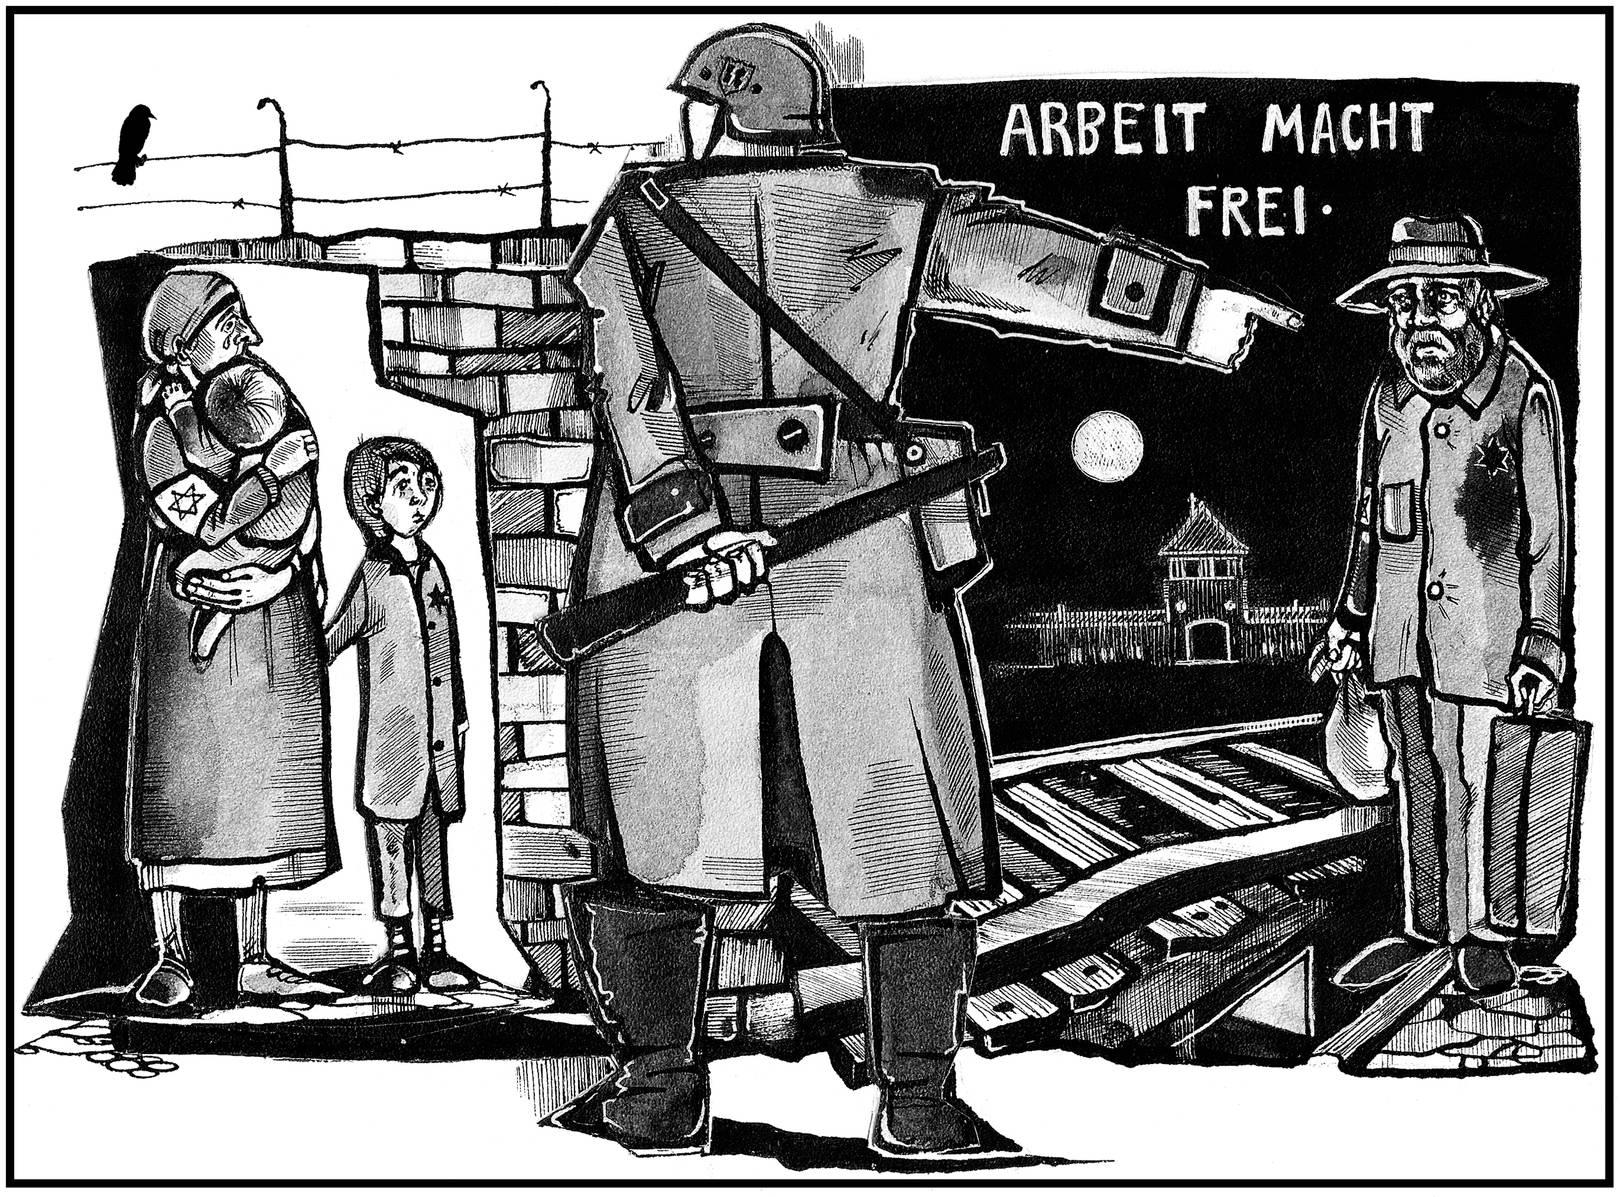 Гетто. К 70-летию освобождения Освенцима. Рисунок.Тушь, перо.